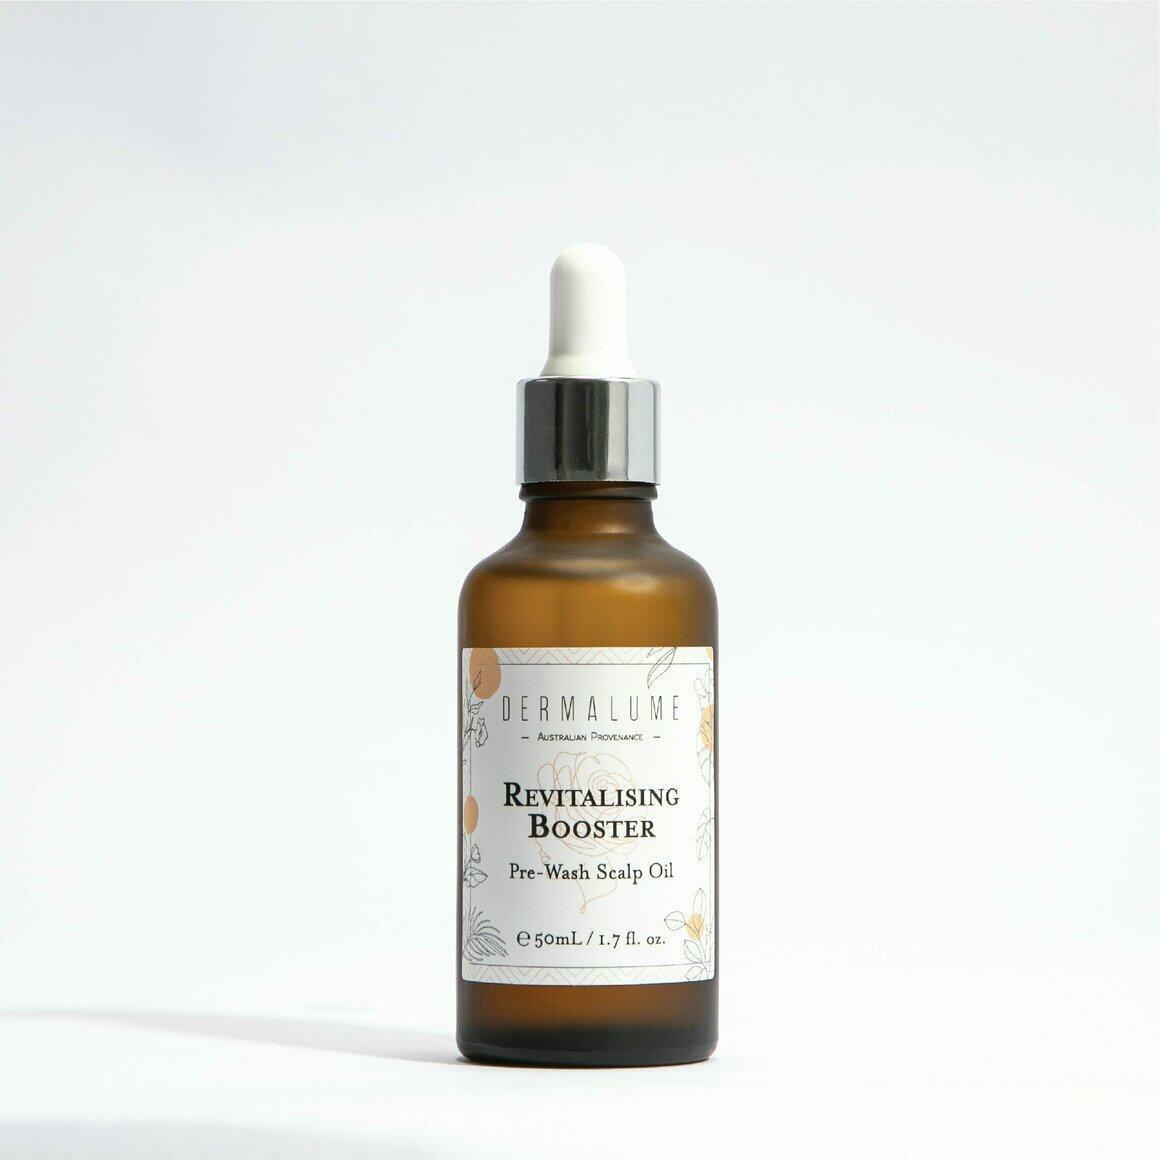 Dermalume Revitalising Booster Pre-wash Scalp Oil 50ml | Trada Marketplace